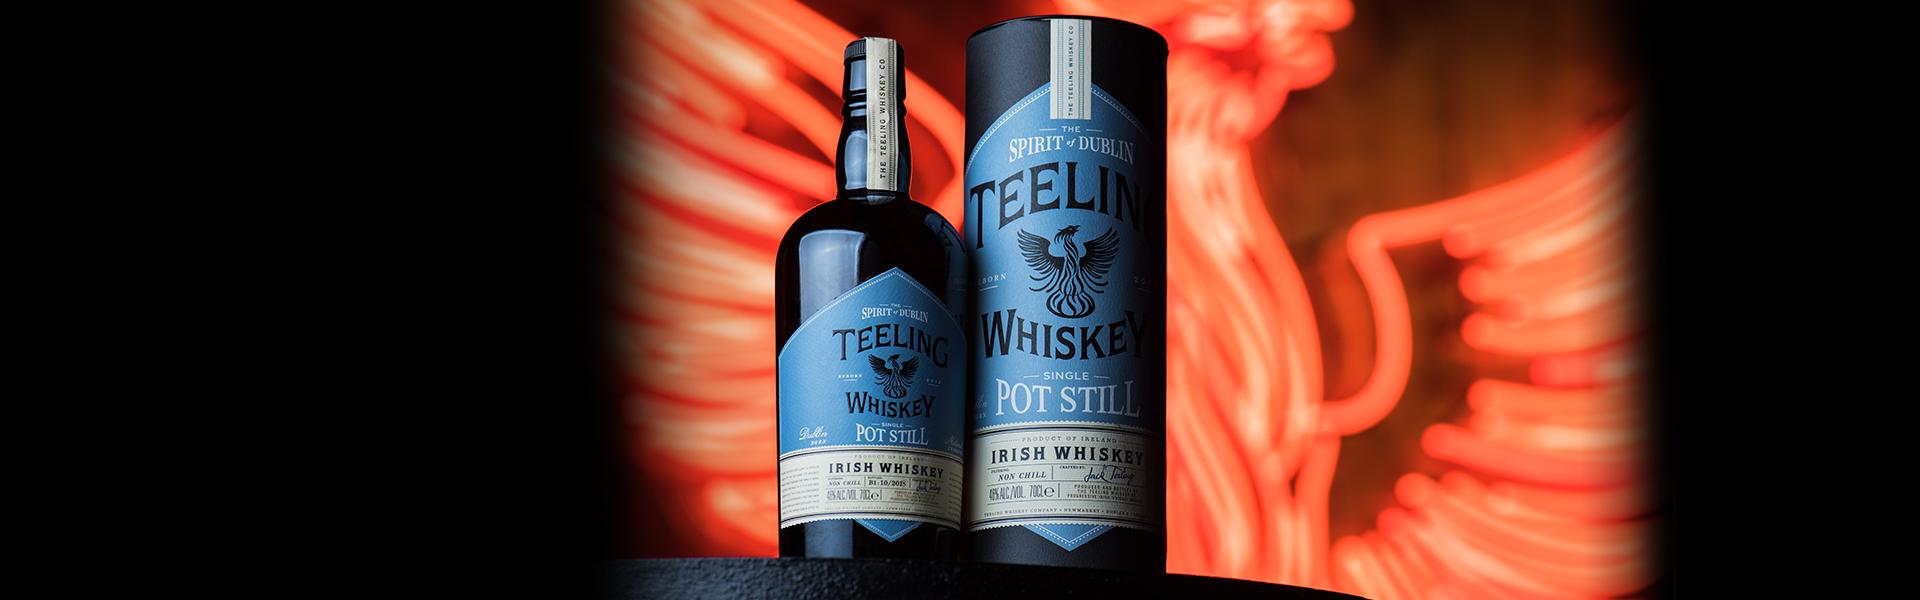 Teeling lanserar den första Pot Still-whiskeyn från Dublin på nästan 50 år!